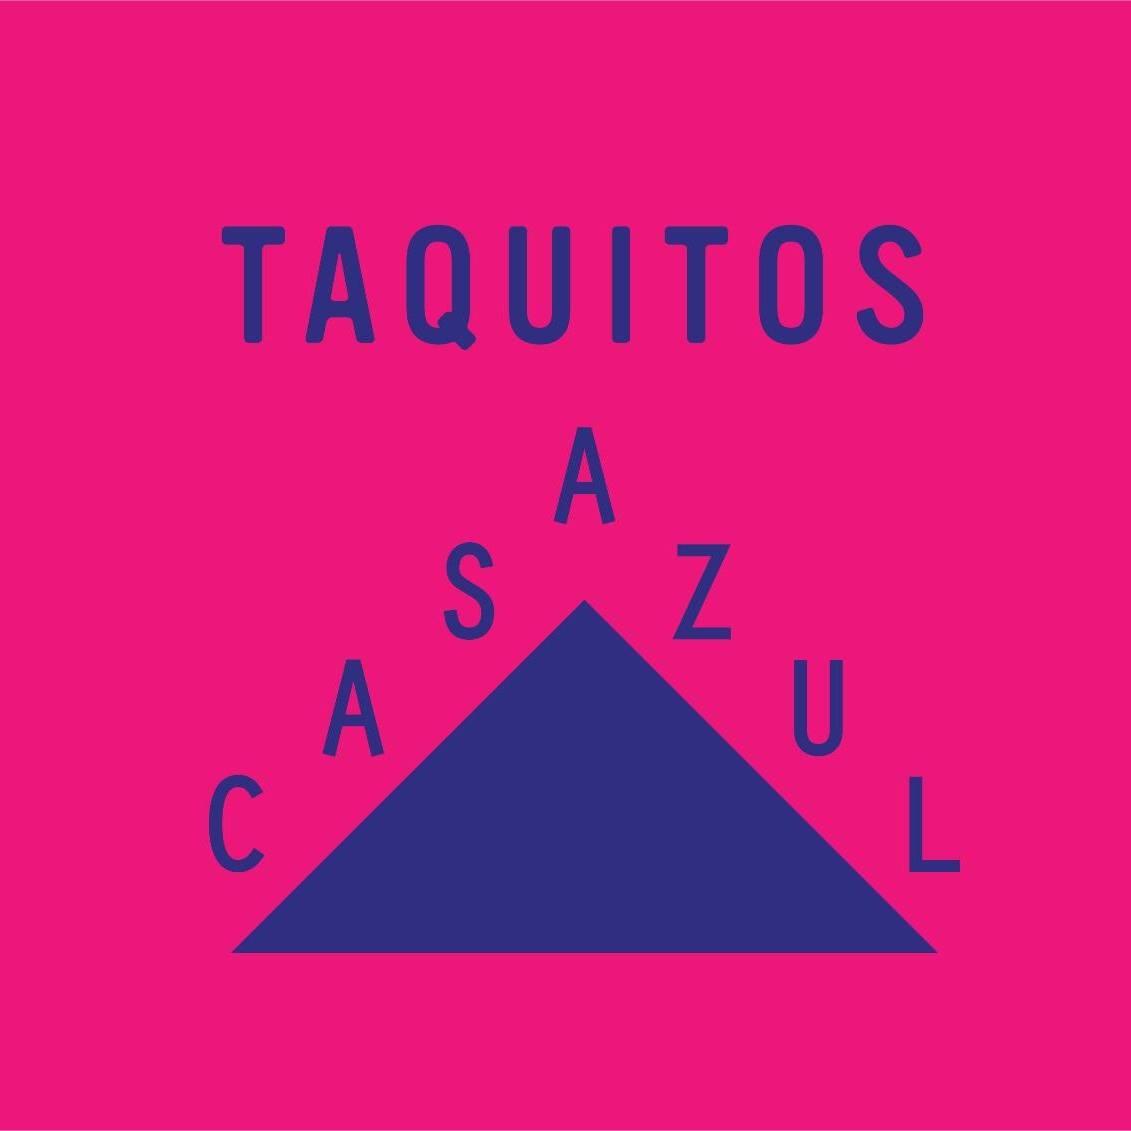 Taquitos Casazul